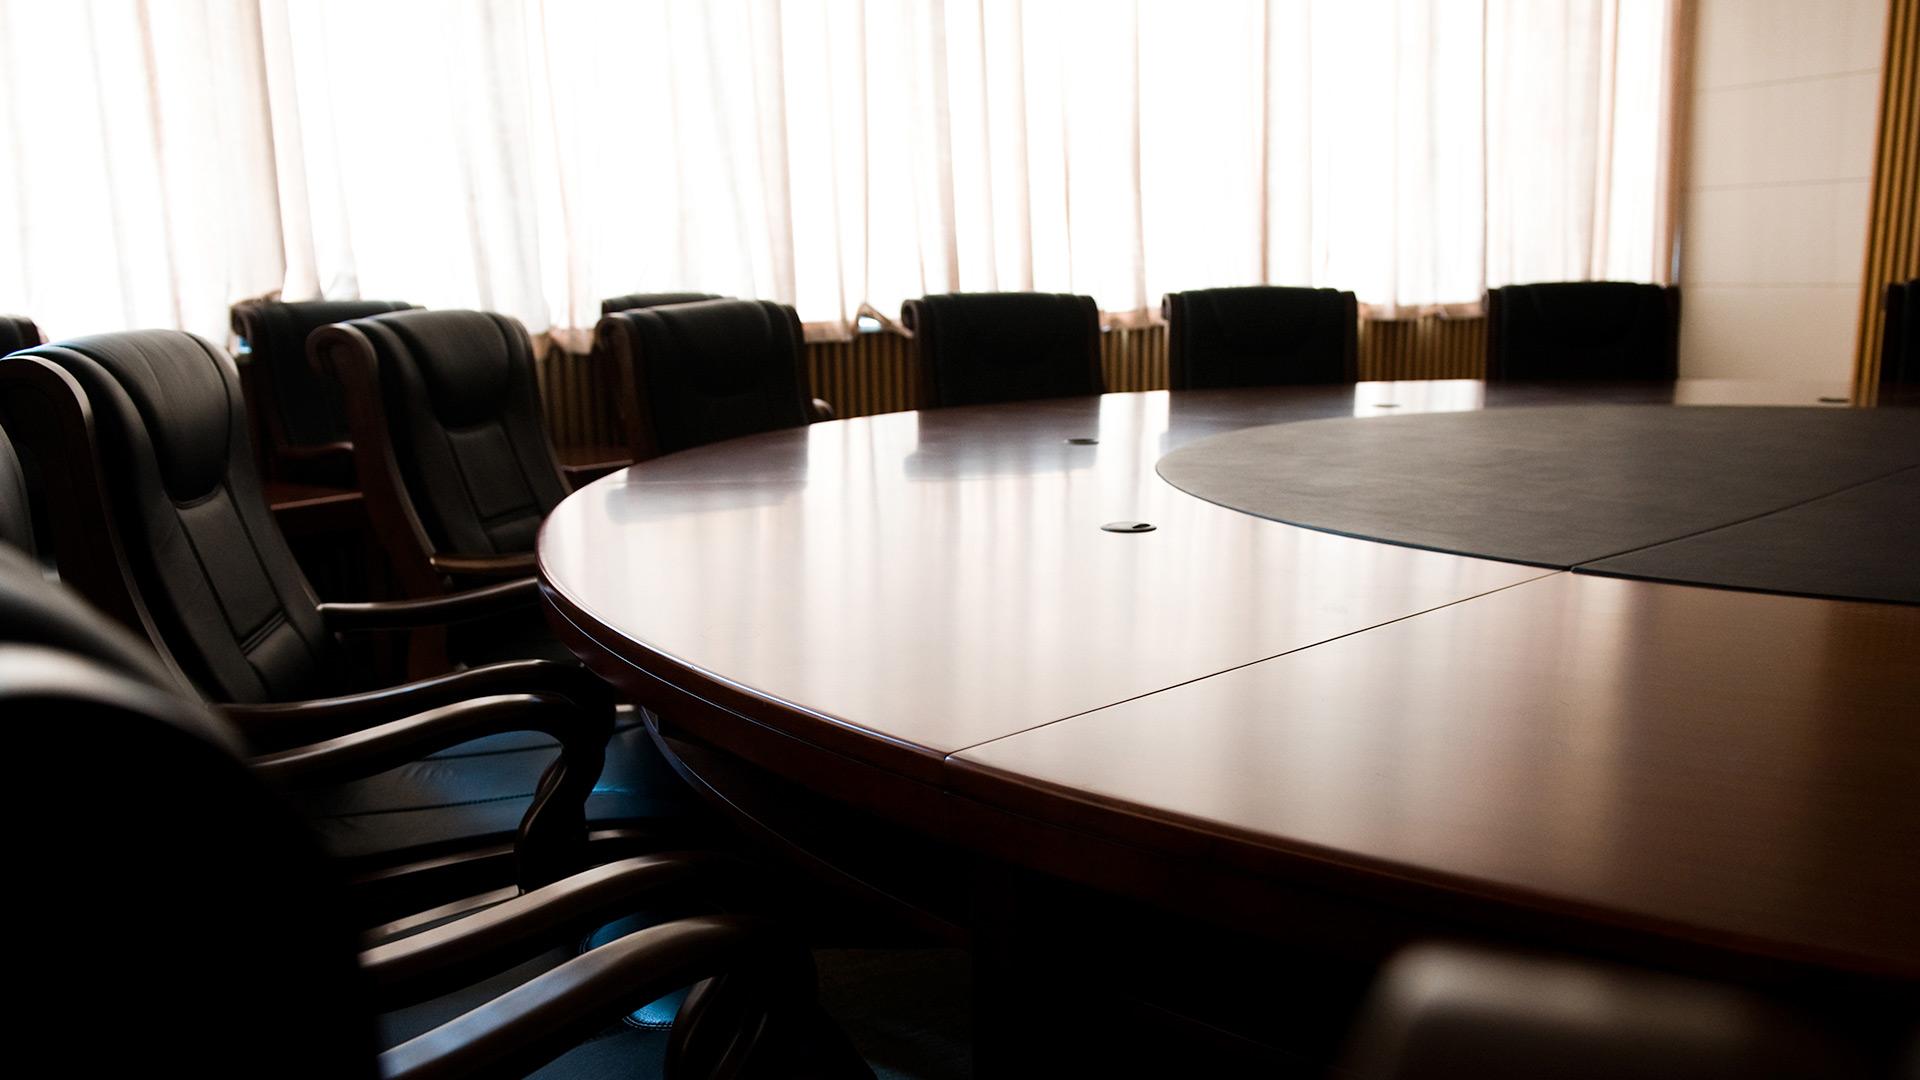 Table de conseil d'administration vide